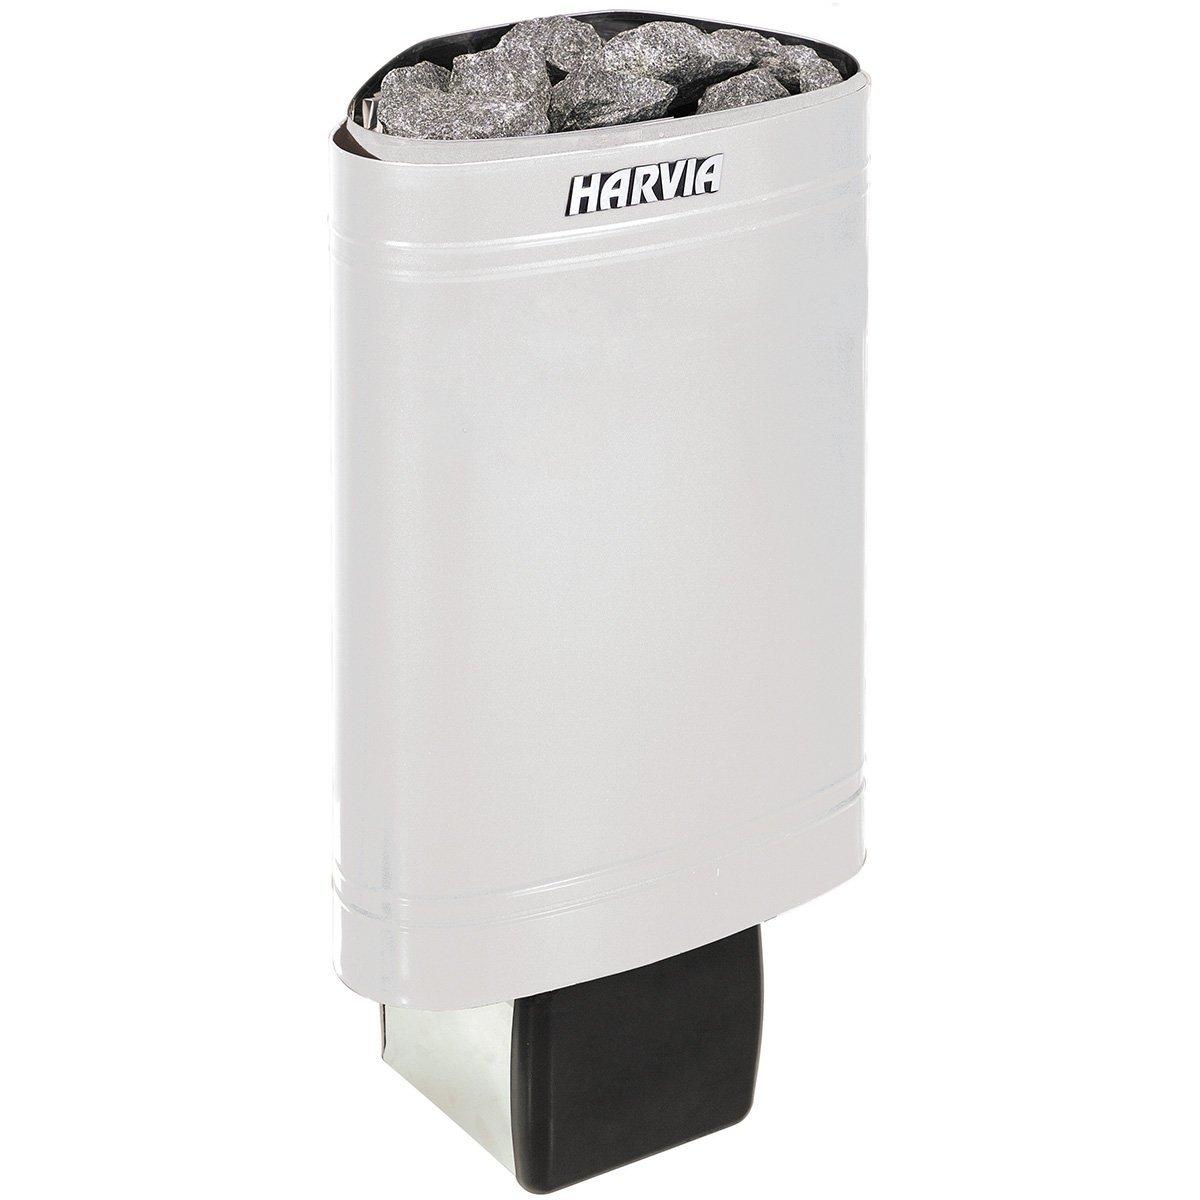 Sauna Po/êle /Électrique Harvia Delta D23 2,3 kW acier inoxydable avec unit/é de contr/ôle encastr/é Tension 230V 1N ; 400 V 2N Taille de sauna: 1,3-2,5 m/³